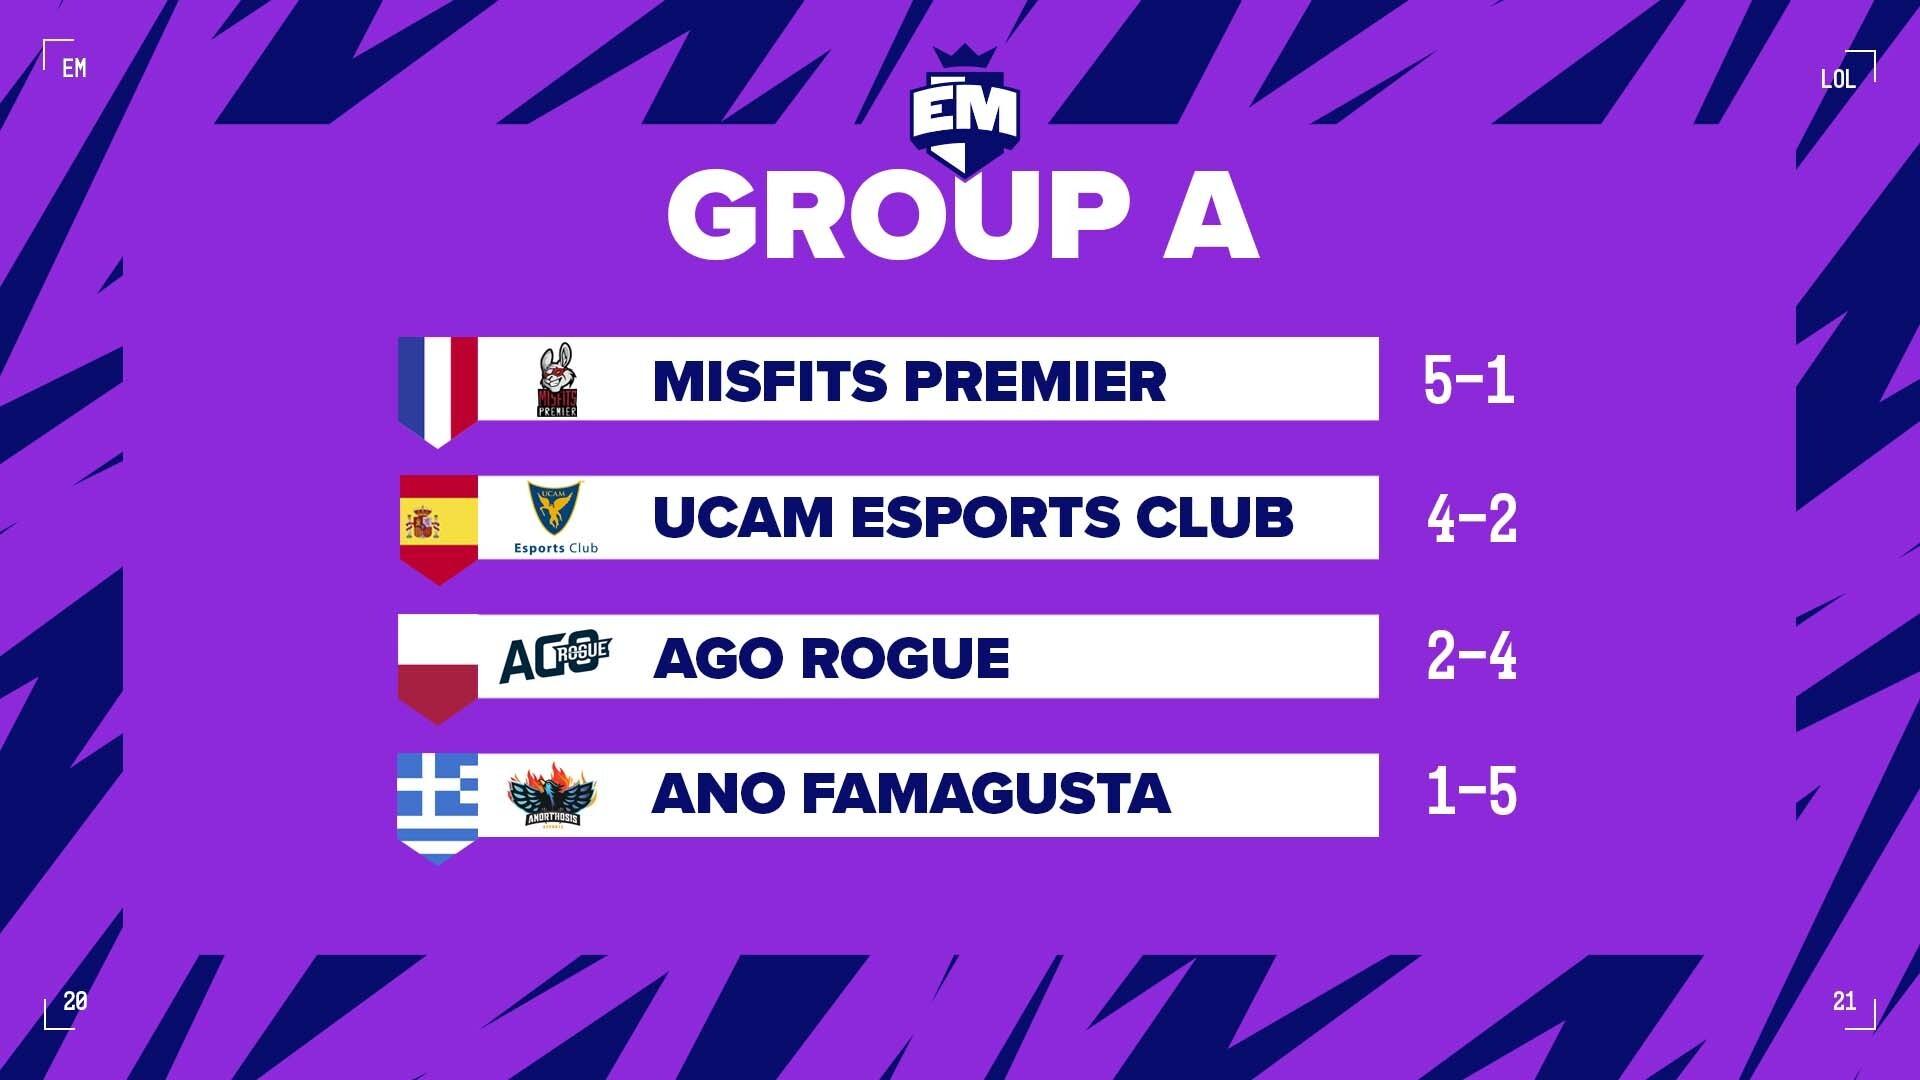 Clasificación del grupo A después de disputar los 3 partidos de ida y los 3 partidos de vuelta.